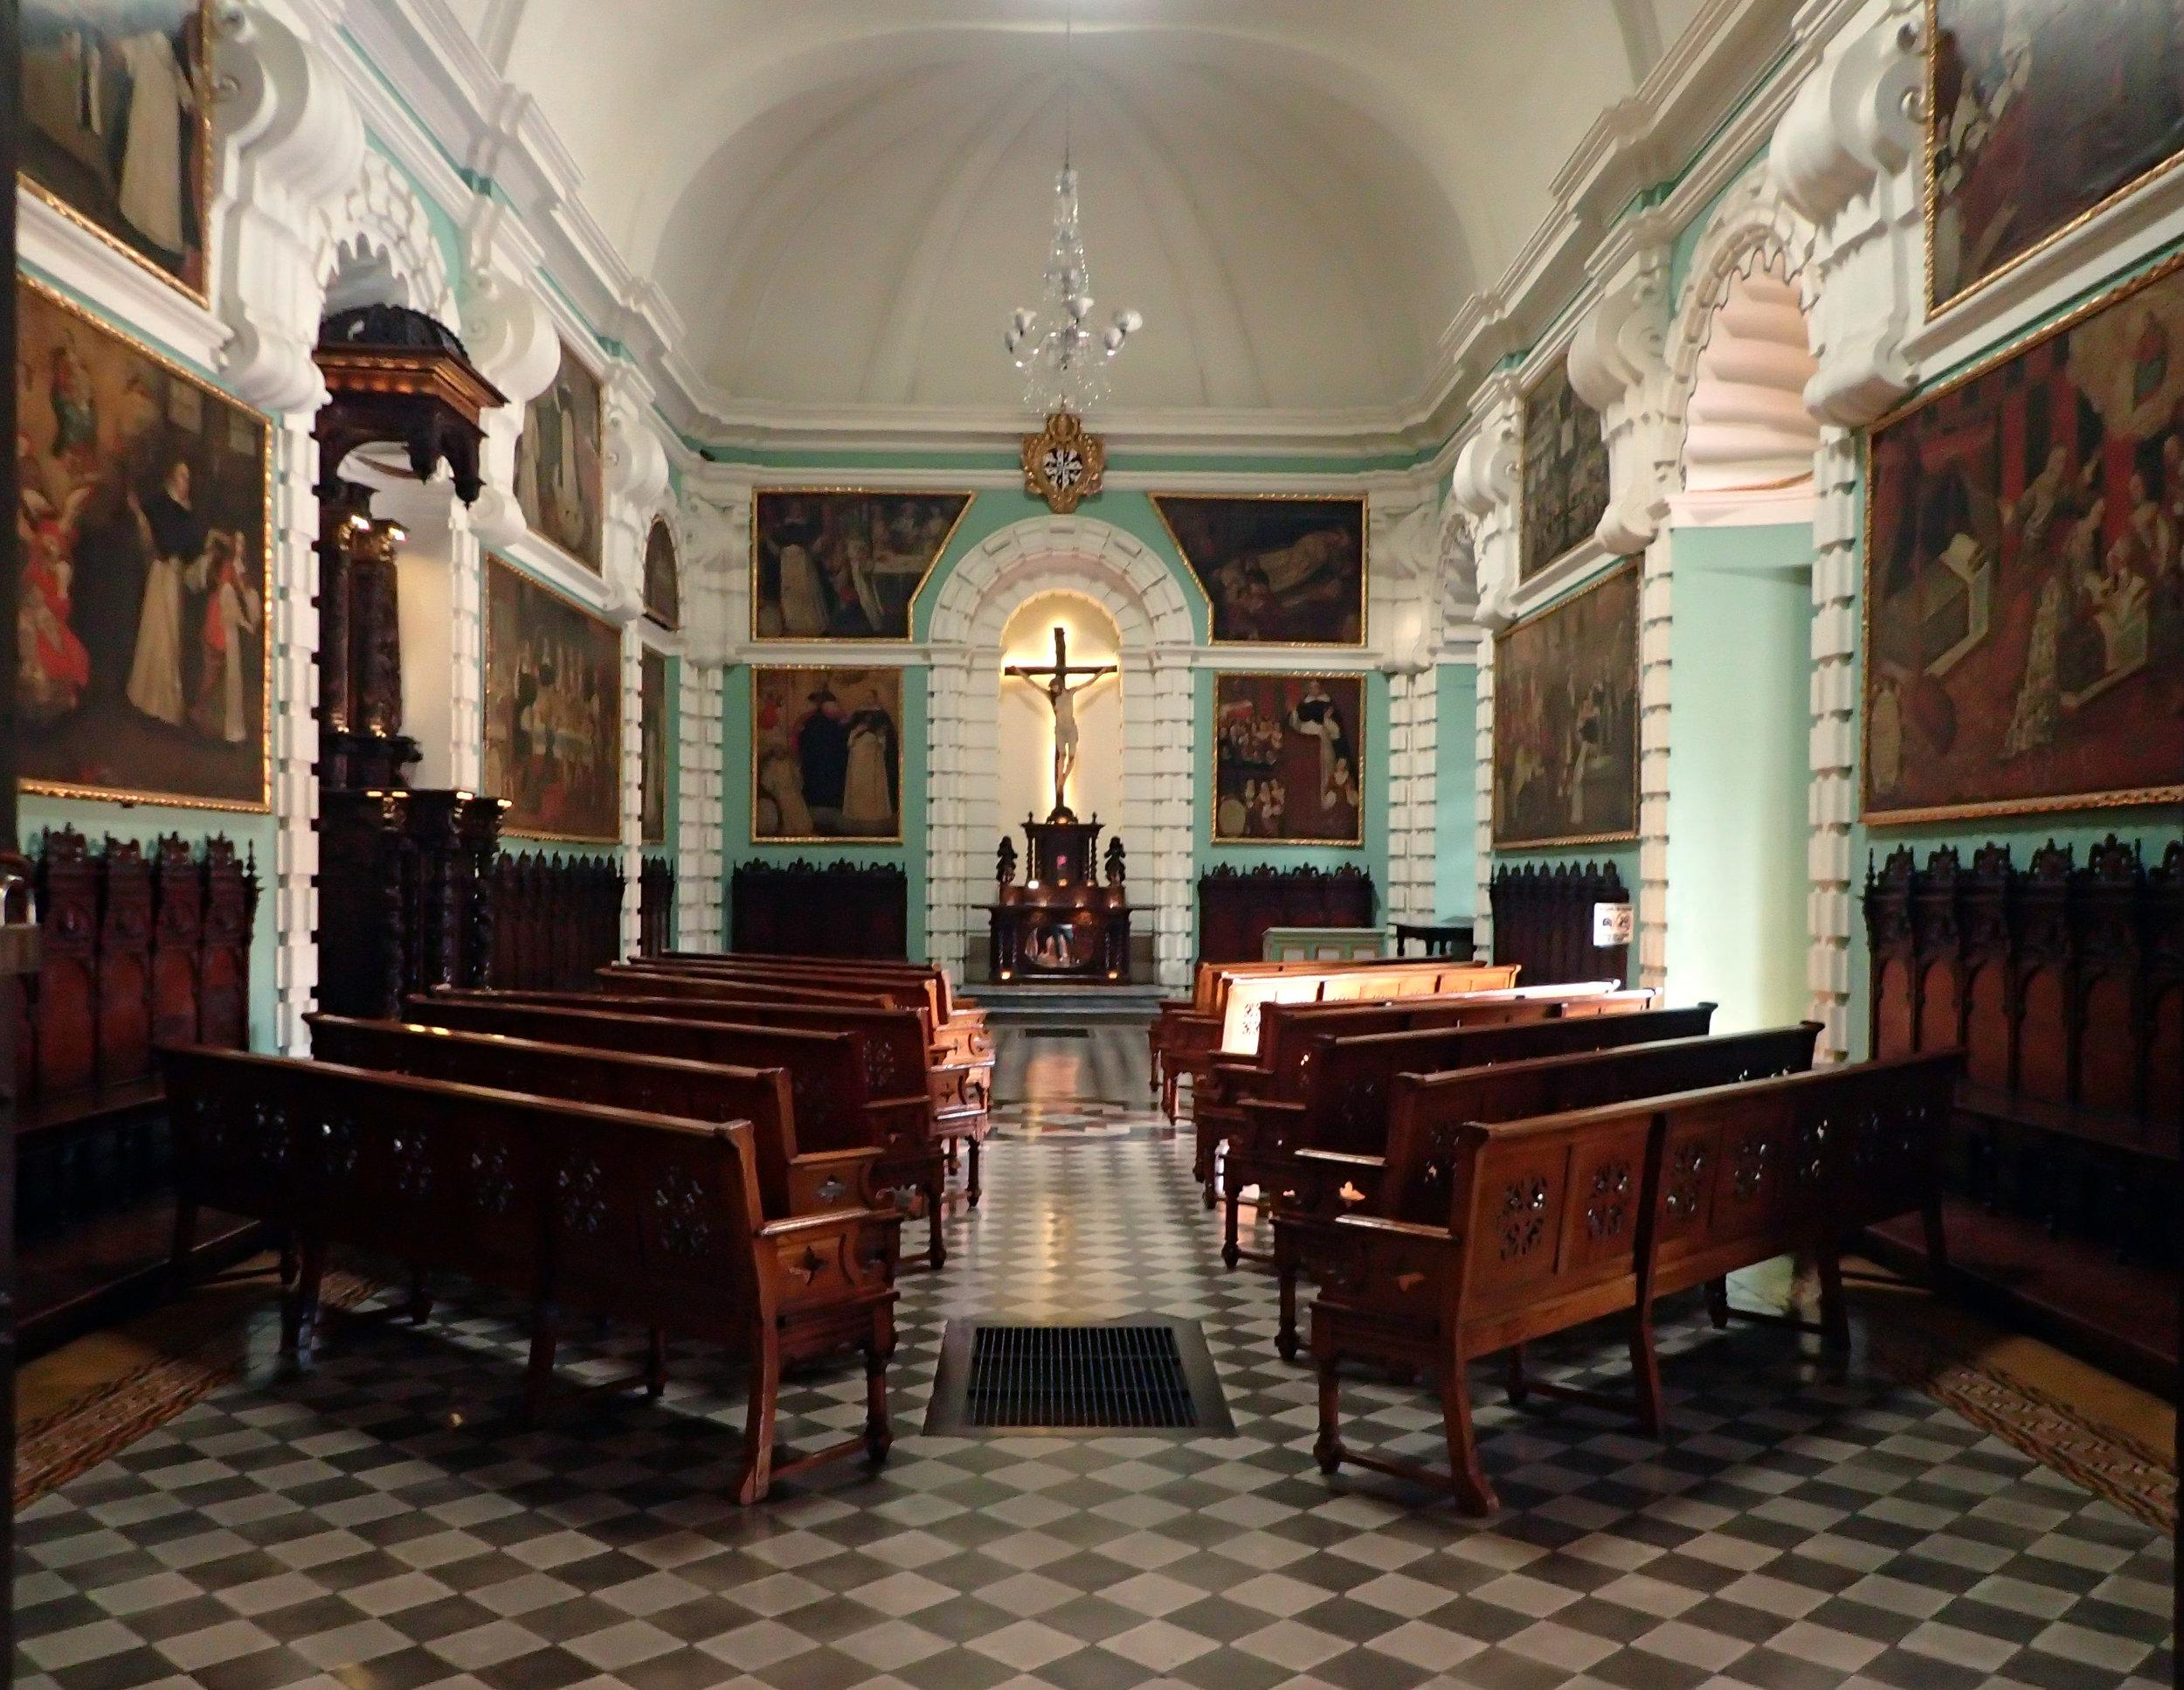 first church tour of trip.jpg